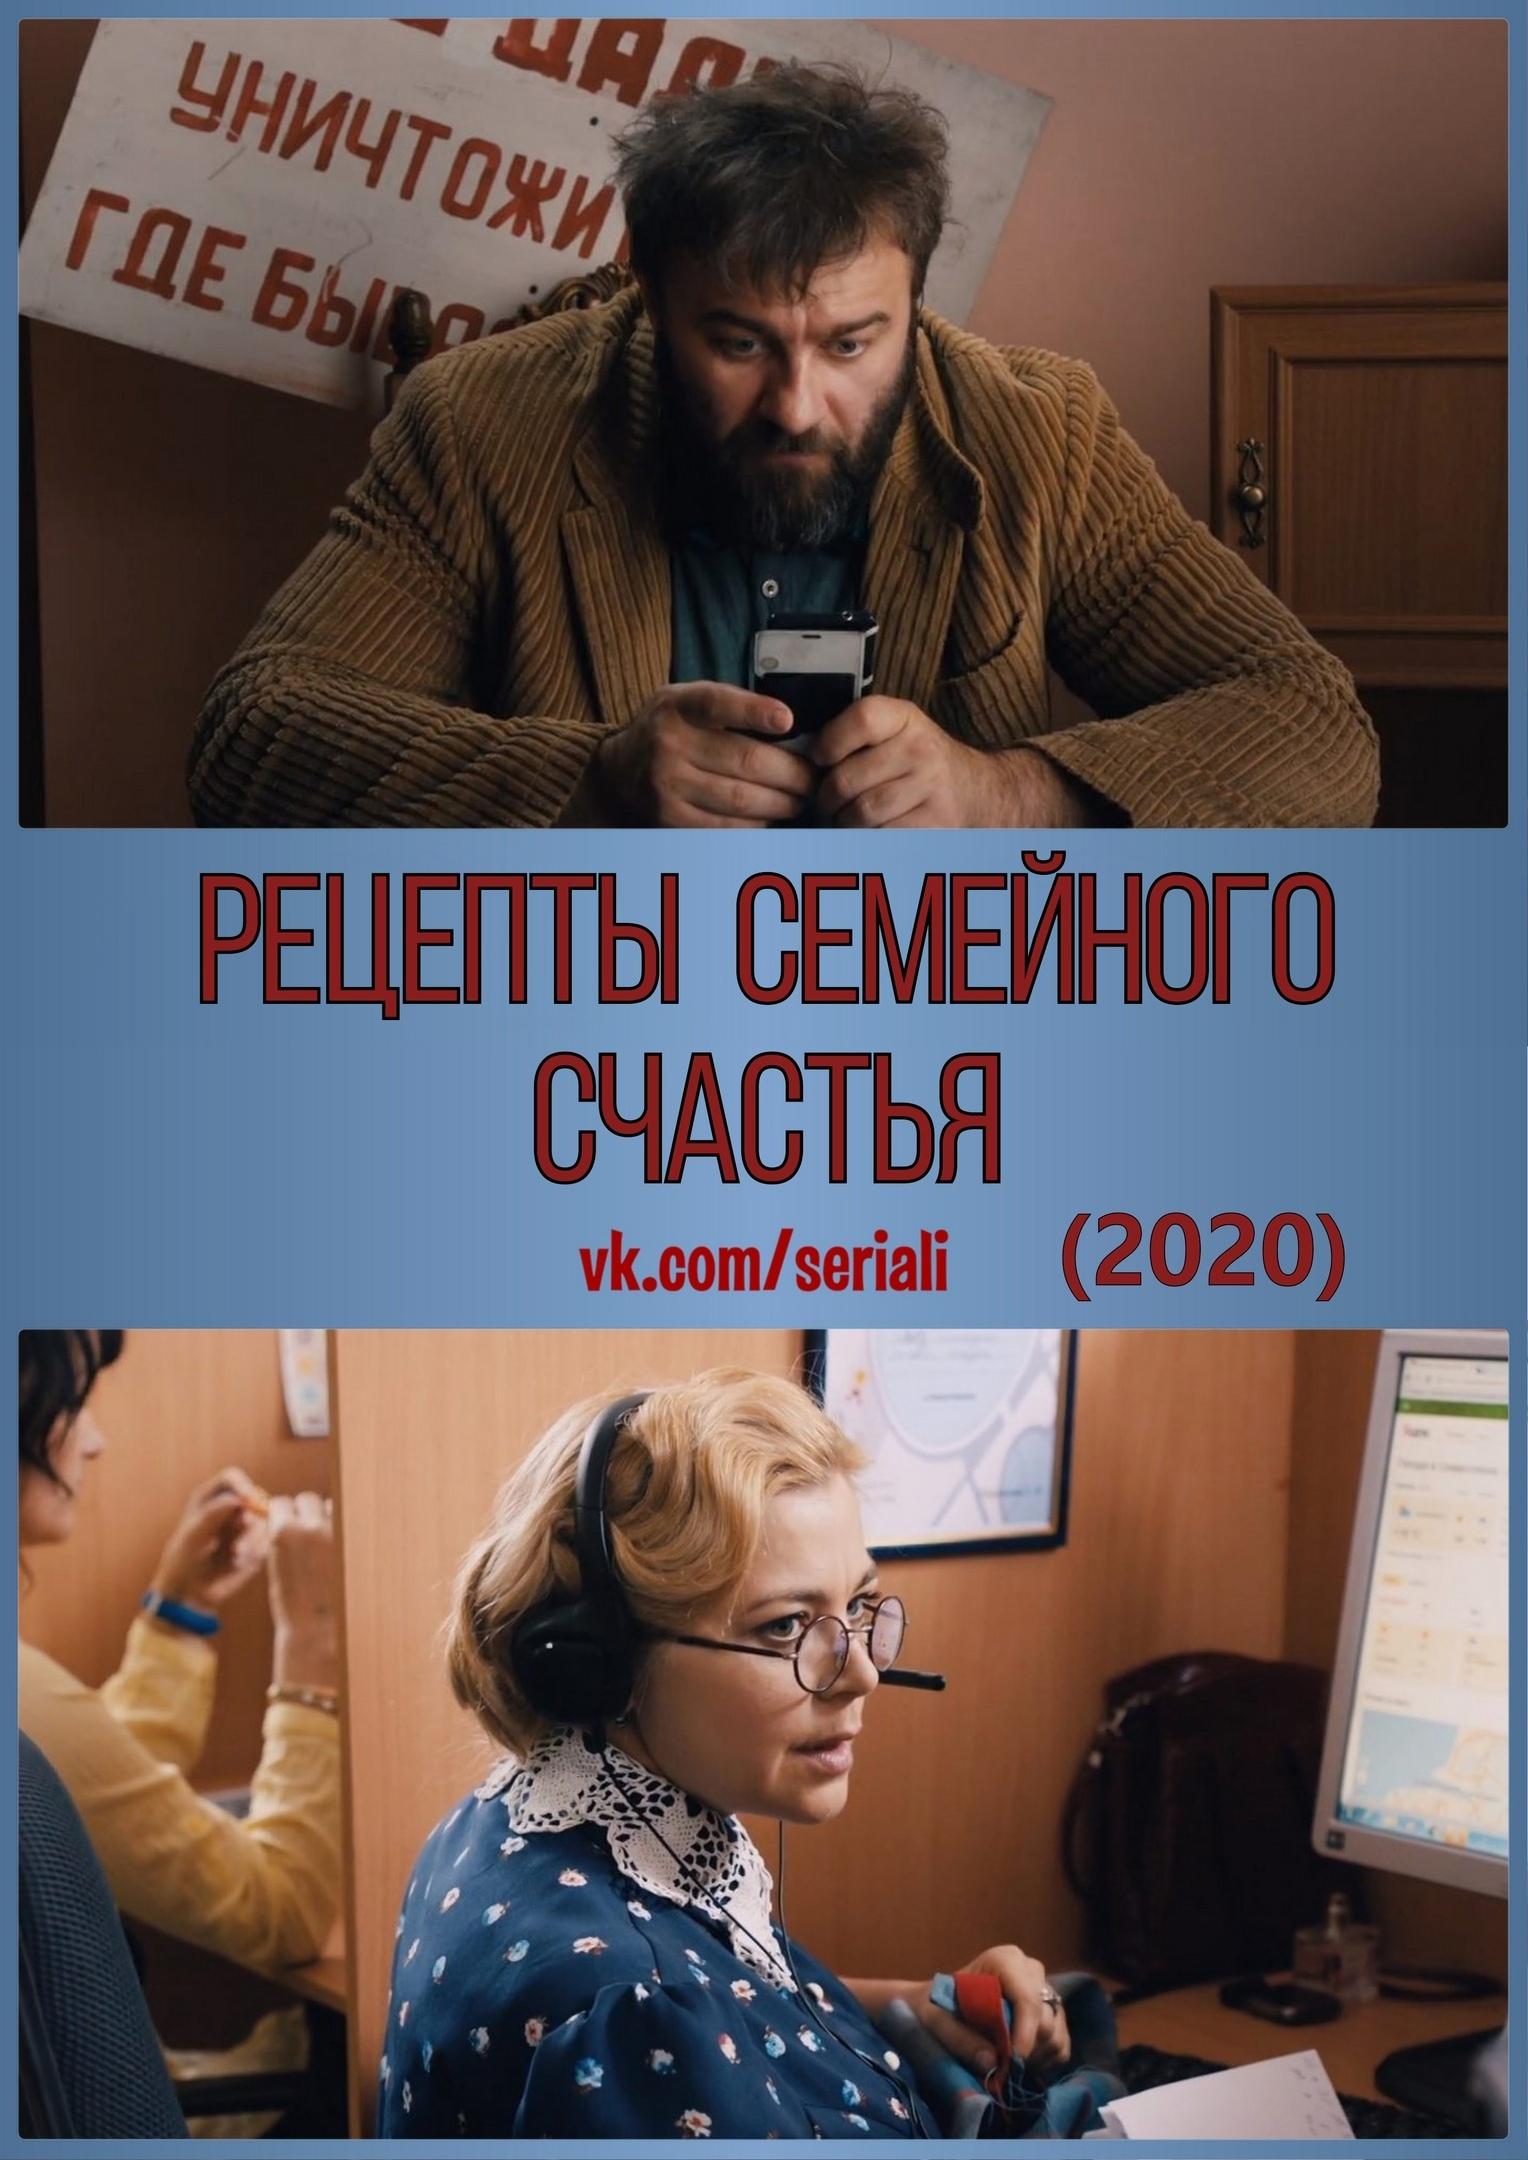 Мелодрама «Peцeпты ceмeйнoгo cчacтья» (2020) 1-4 серия из 4 HD